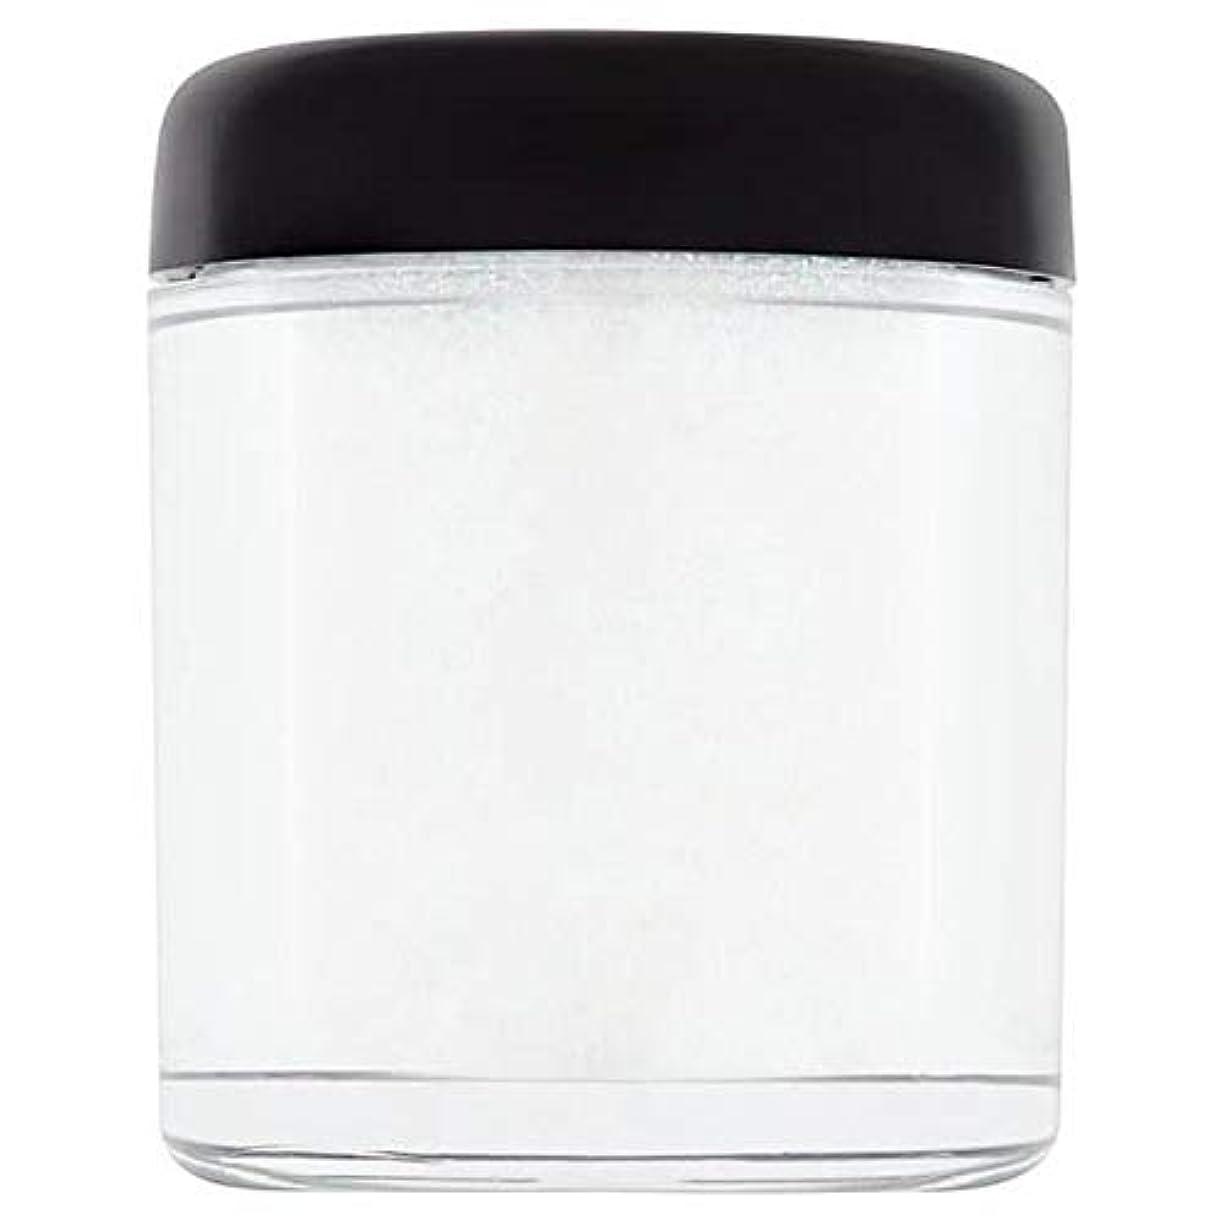 努力被るキャプション[Collection ] 収集グラムの結晶がフェイス&ボディの輝きユニコーンの涙1 - Collection Glam Crystals Face & Body Glitter Unicorn Tears 1 [並行輸入品]